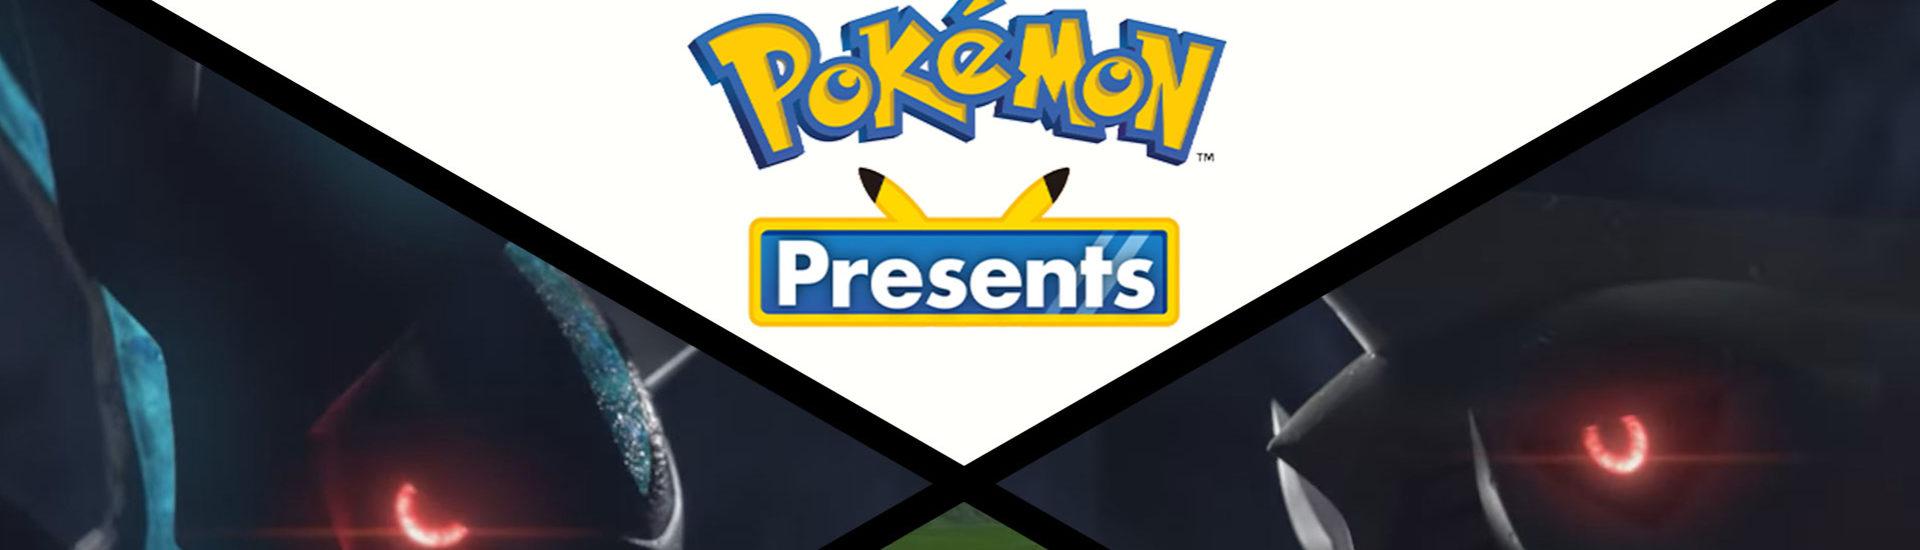 Pokémon Presents – Alle Ankündigungen und Infos zu den kommenden Spielen